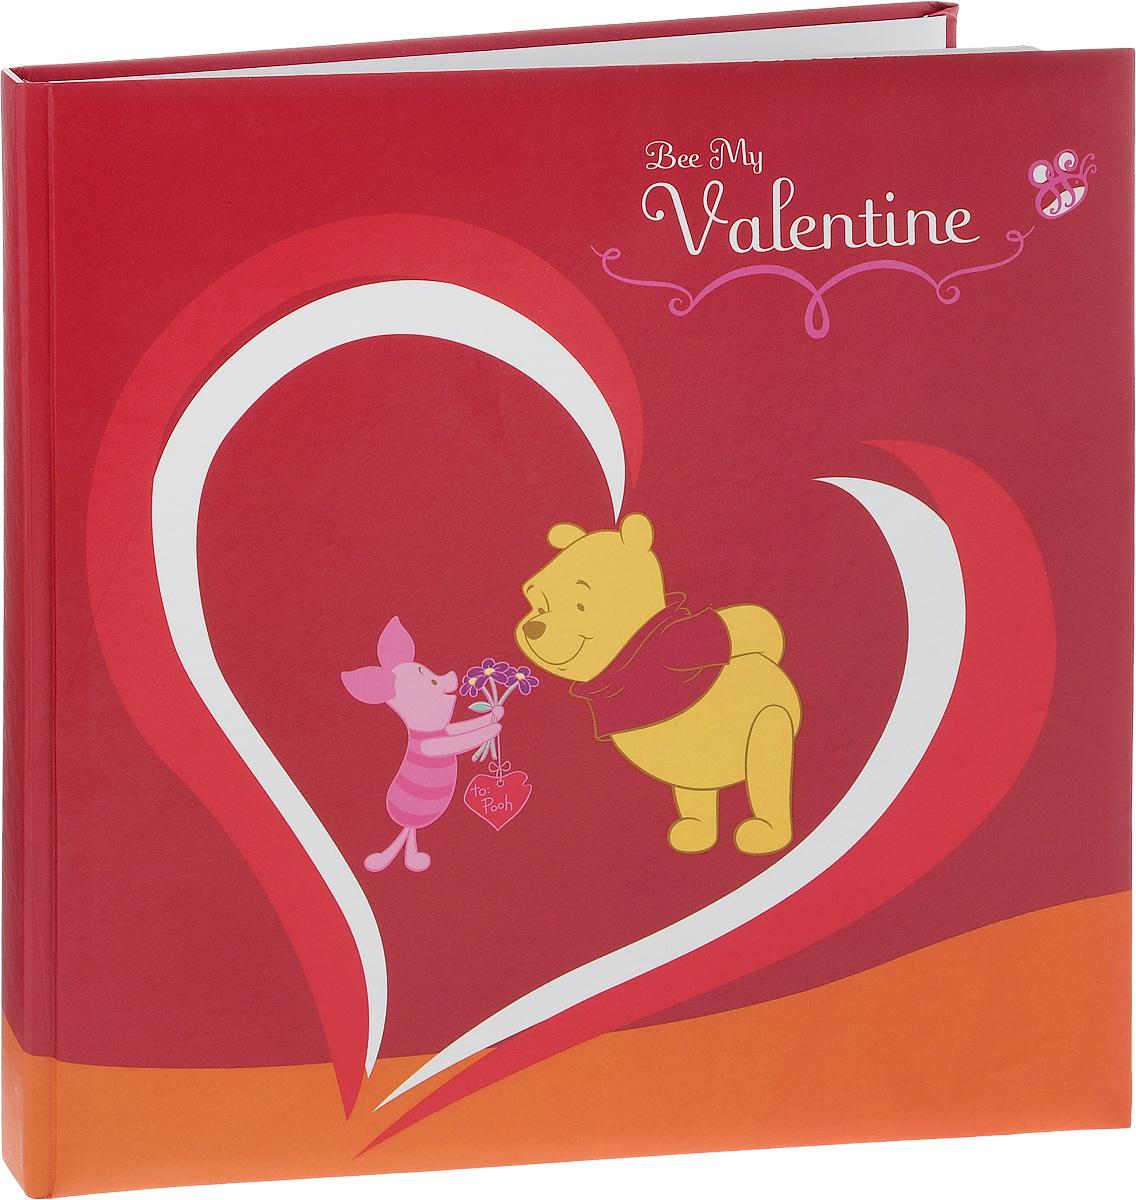 Фотоальбом Pioneer Disney Valentine, цвет: красный, 20 магнитных листов, 29 х 32 см10101 LM-SA20BB/C_красныйФотоальбом Pioneer Disney Valentine поможет красиво оформить ваши фотографии.Обложка, выполненная из толстого картона, оформлена красочным детским рисунком. Альбом с магнитными листами удобен тем, что он позволяет размещать фотографии разных размеров. Тип скрепления - спираль.Магнитные страницы обладают следующими преимуществами: - Не нужно прикладывать усилий для закрепления фотографий; - Не нужно заботиться о размерах фотографий, так как вы можете вставить вальбом фотографии разных размеров; - Защита фотографий от постоянных прикосновений зрителей с помощью пленки ПВХ.Нам всегда так приятно вспоминать о самых счастливых моментах жизни, запечатленных нафотографиях. Поэтому фотоальбом являетсяуниверсальным подарком к любому празднику.Количество листов: 20 шт.Размер листа: 29 х 32 см.